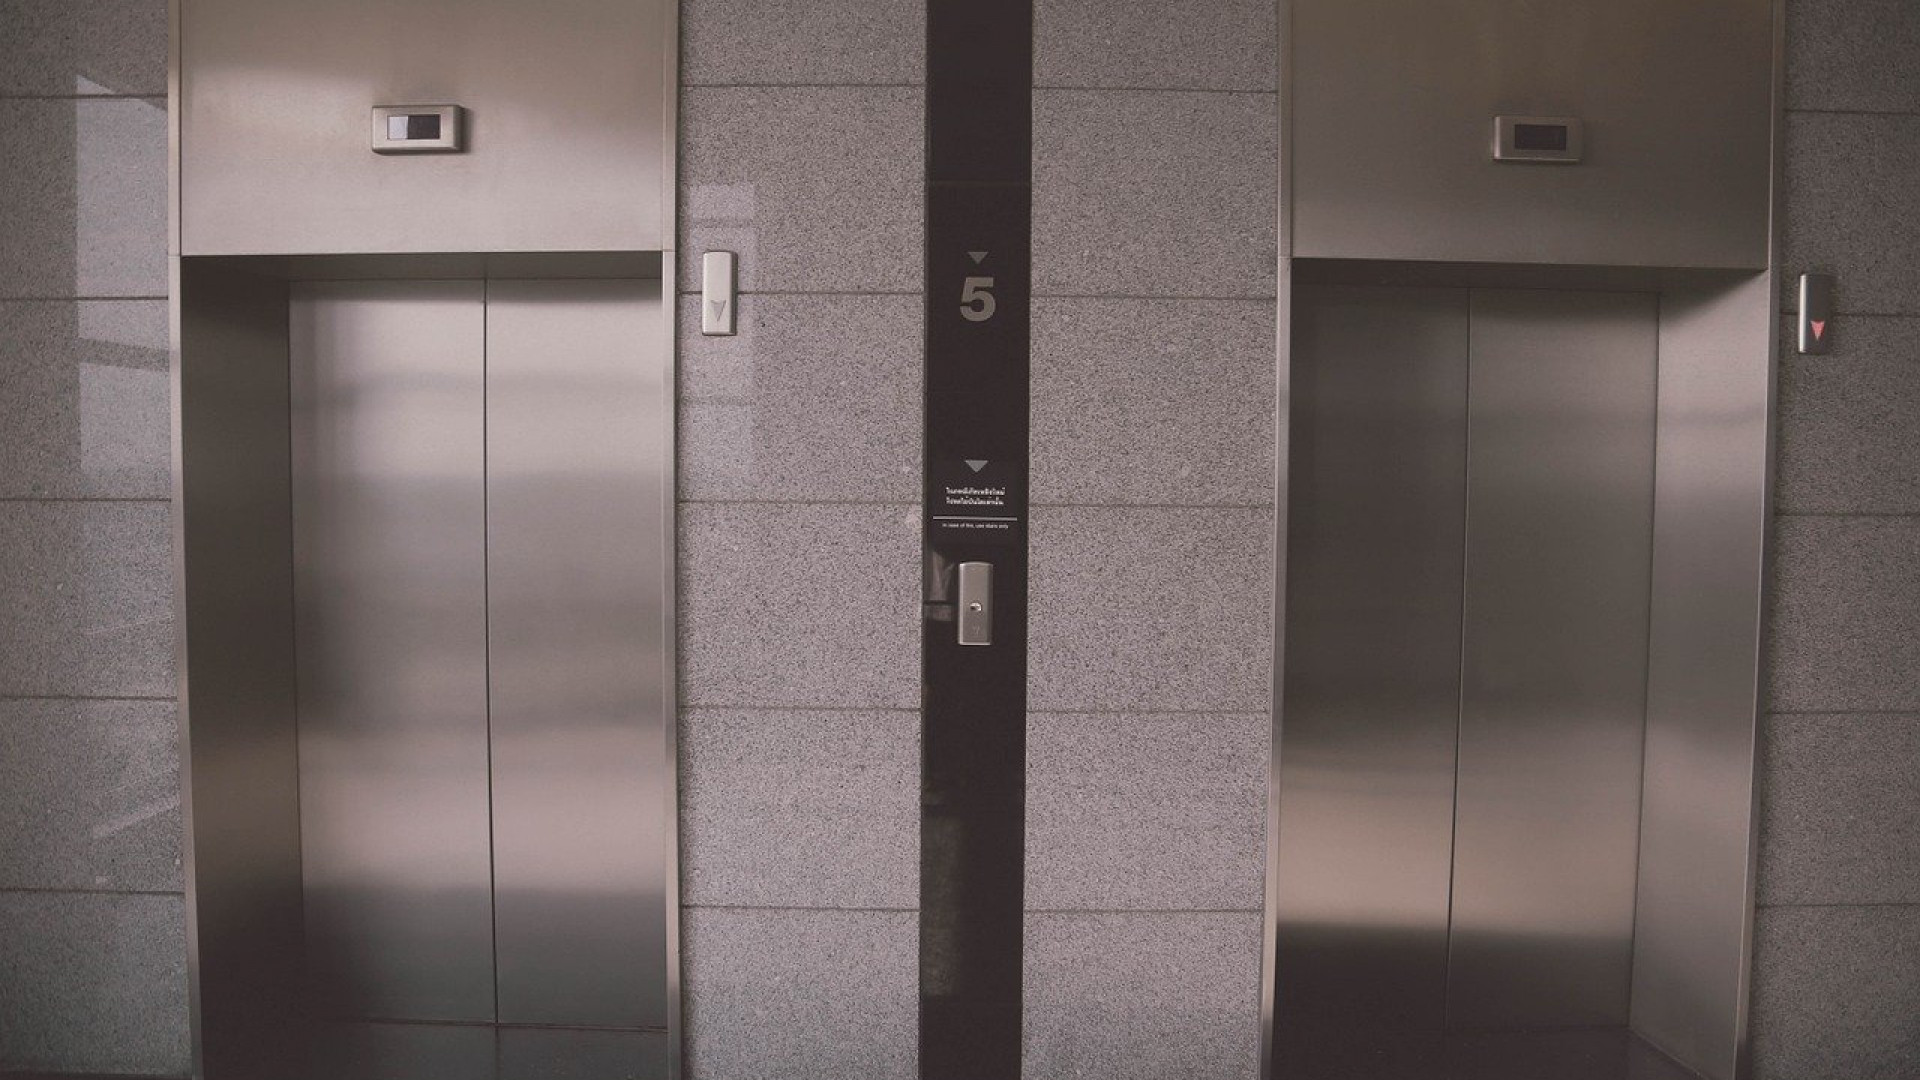 Quels sont les avantages d'un ascenseur de maison ?